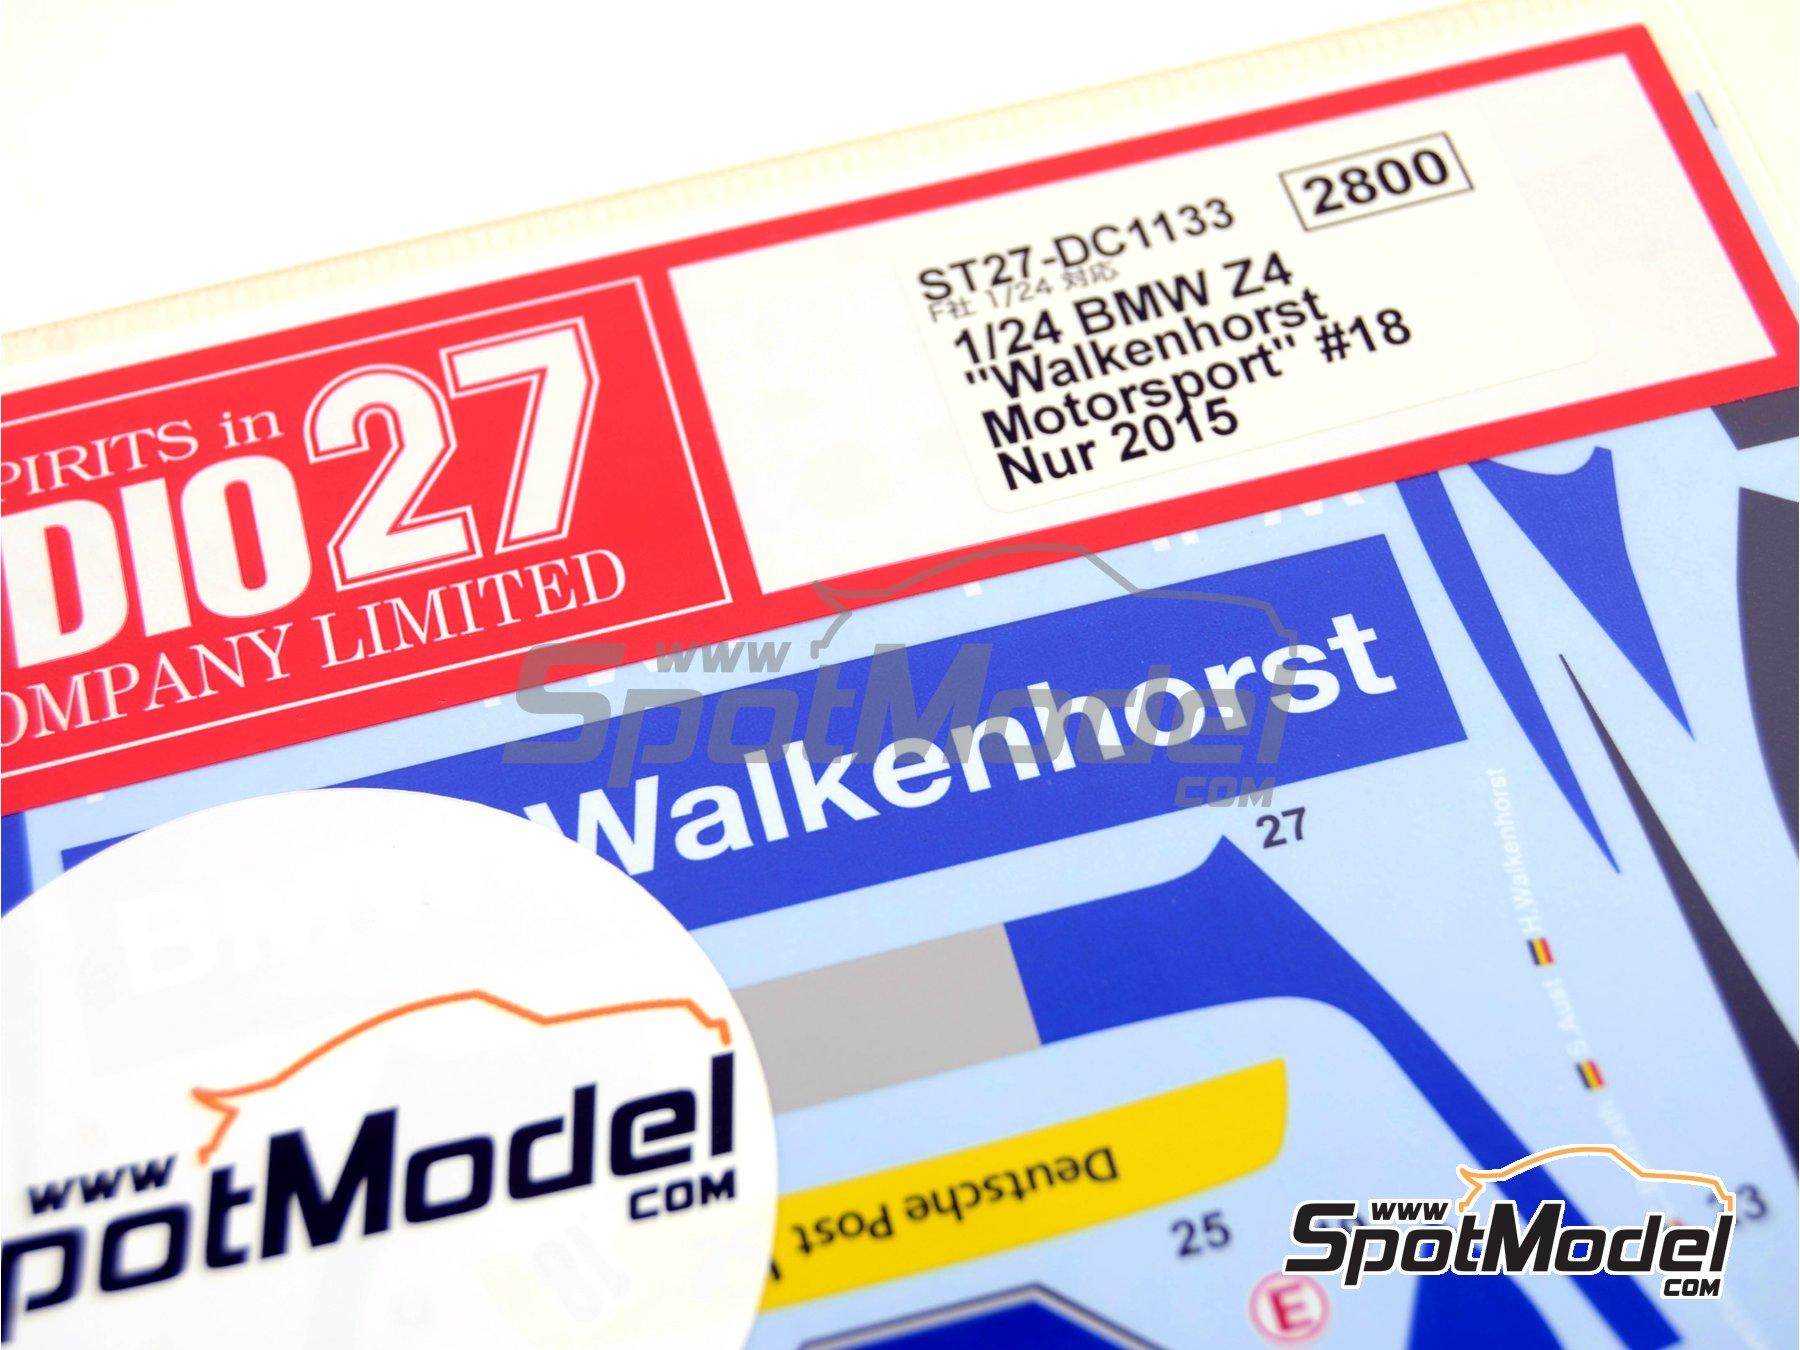 Image 5: BMW Z4 GT3 Walkenhorst Mortorsport - 24 Hours Nürburgring 2015 | Marking / livery in 1/24 scale manufactured by Studio27 (ref.ST27-DC1133)